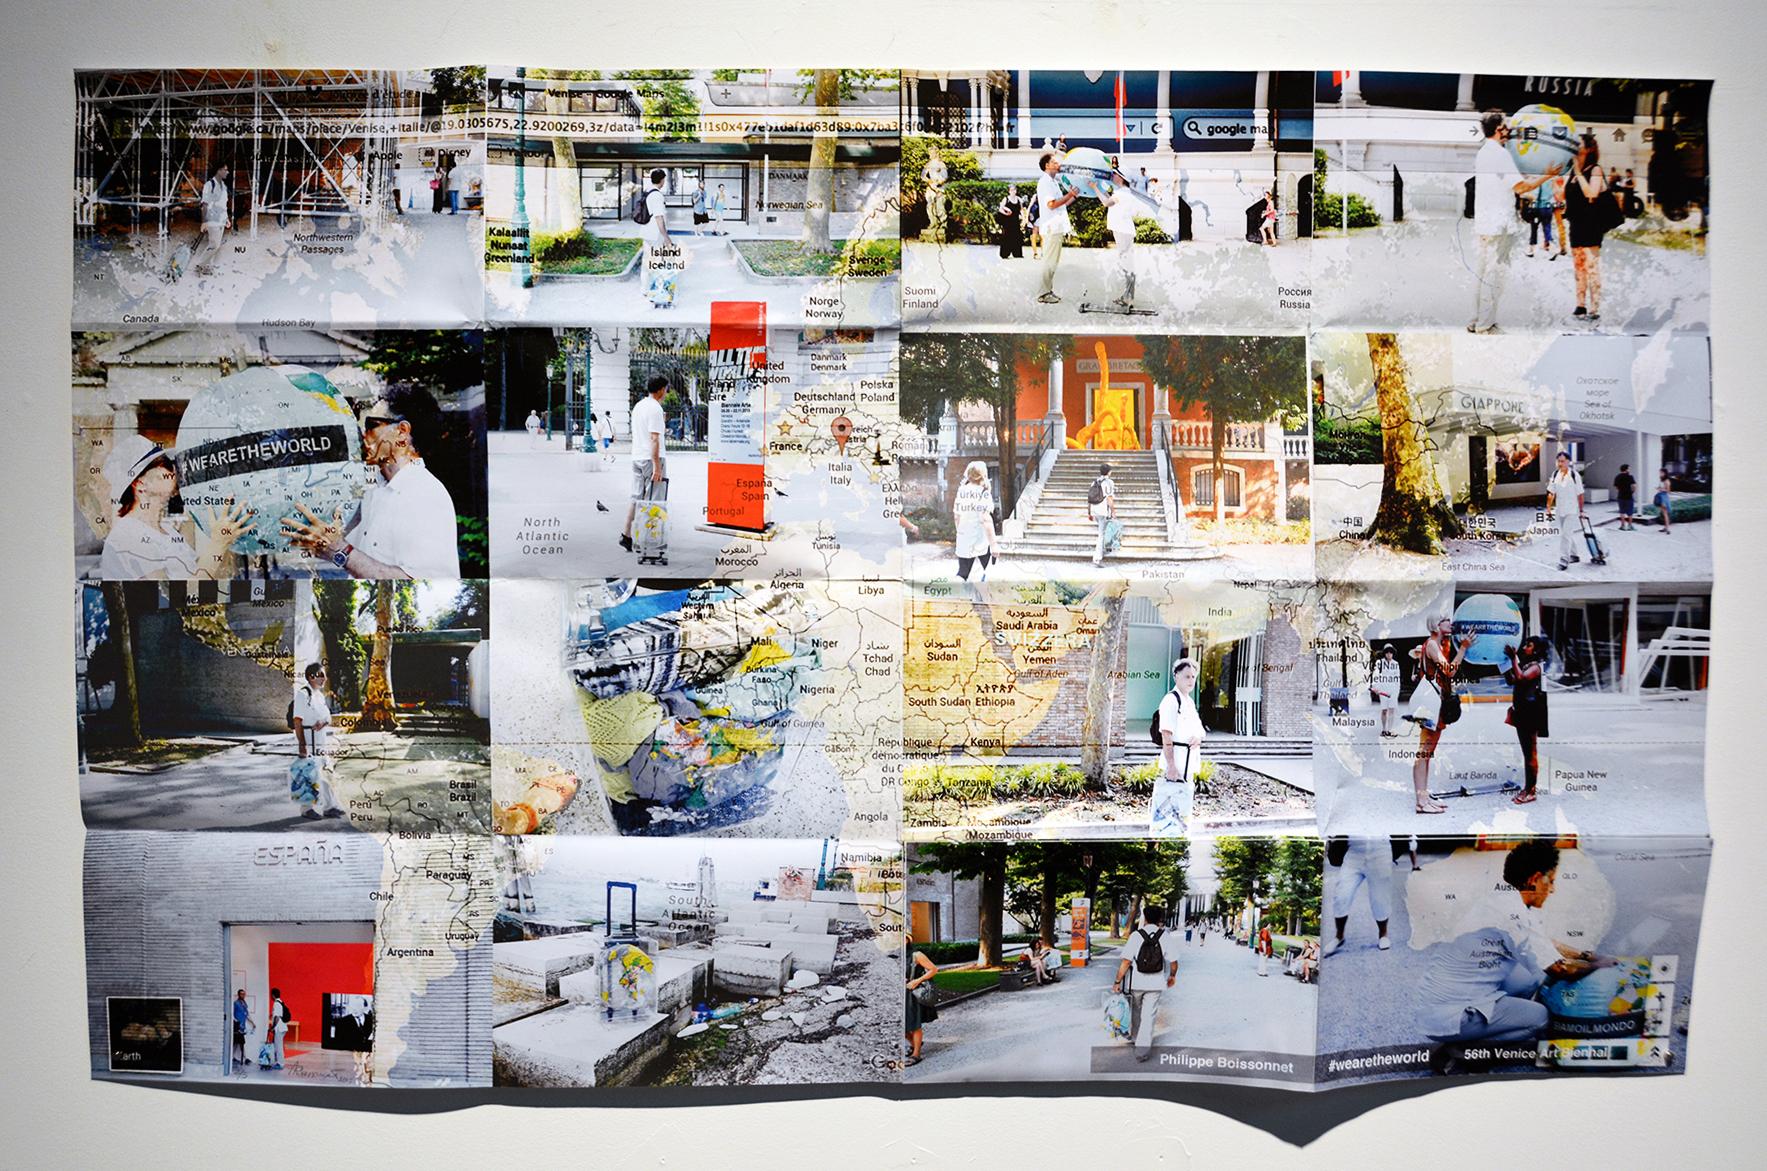 «#Wearetheworld» (Venise), 2015 Impression numérique à jet d'encre sur papier. Livre d'artiste, édition limitée 5/5 127 x 78 cm (livre ouvert)